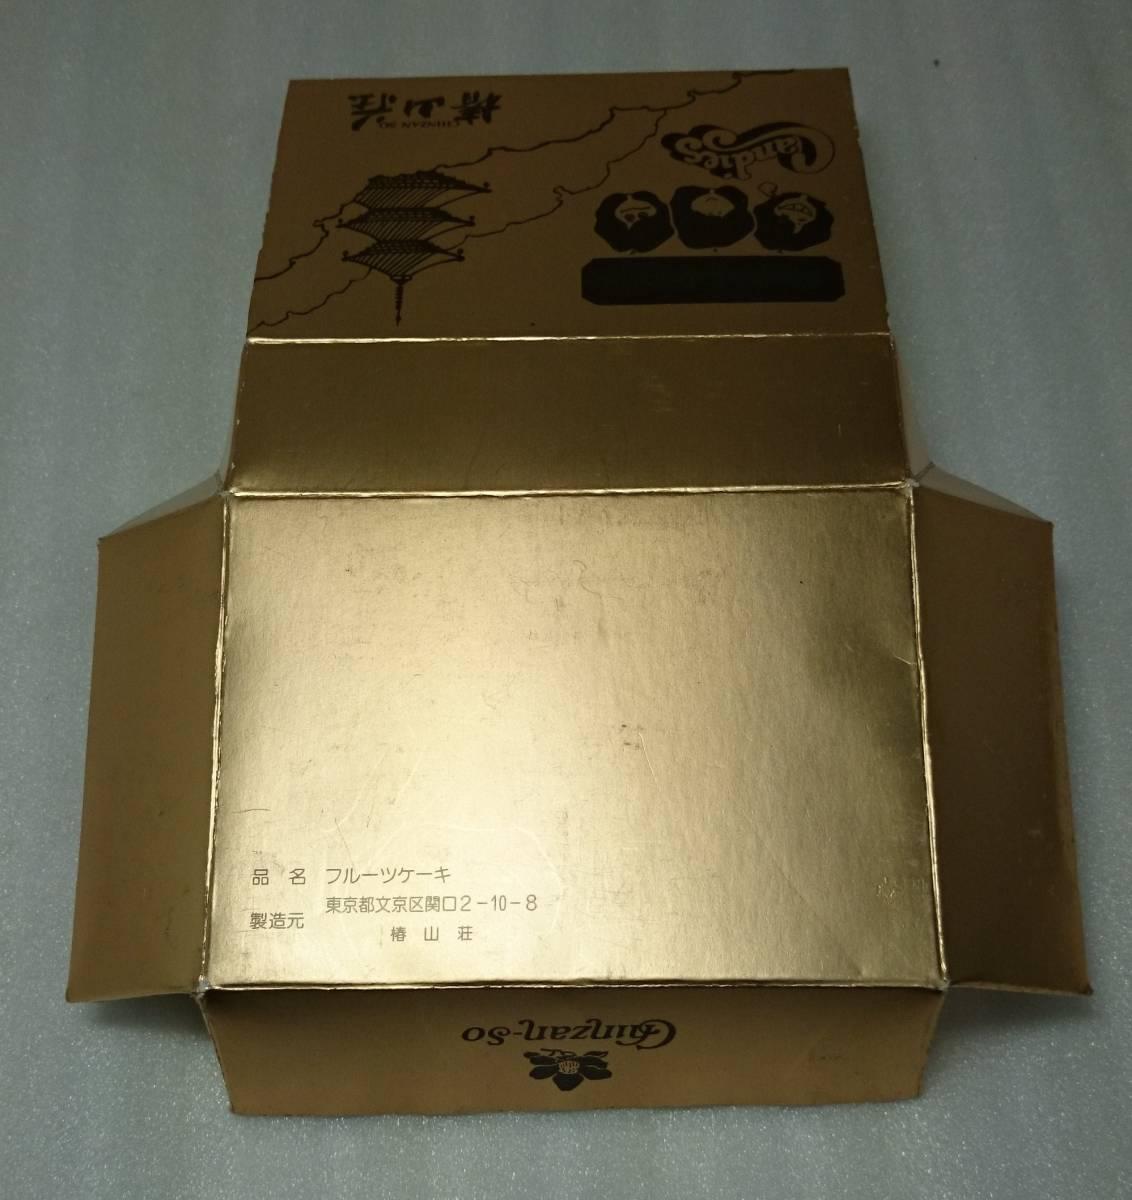 キャンディーズ ファンの集い?椿山荘フルーツケーキ空箱 と アイドルハウスのマッチ3個_画像4